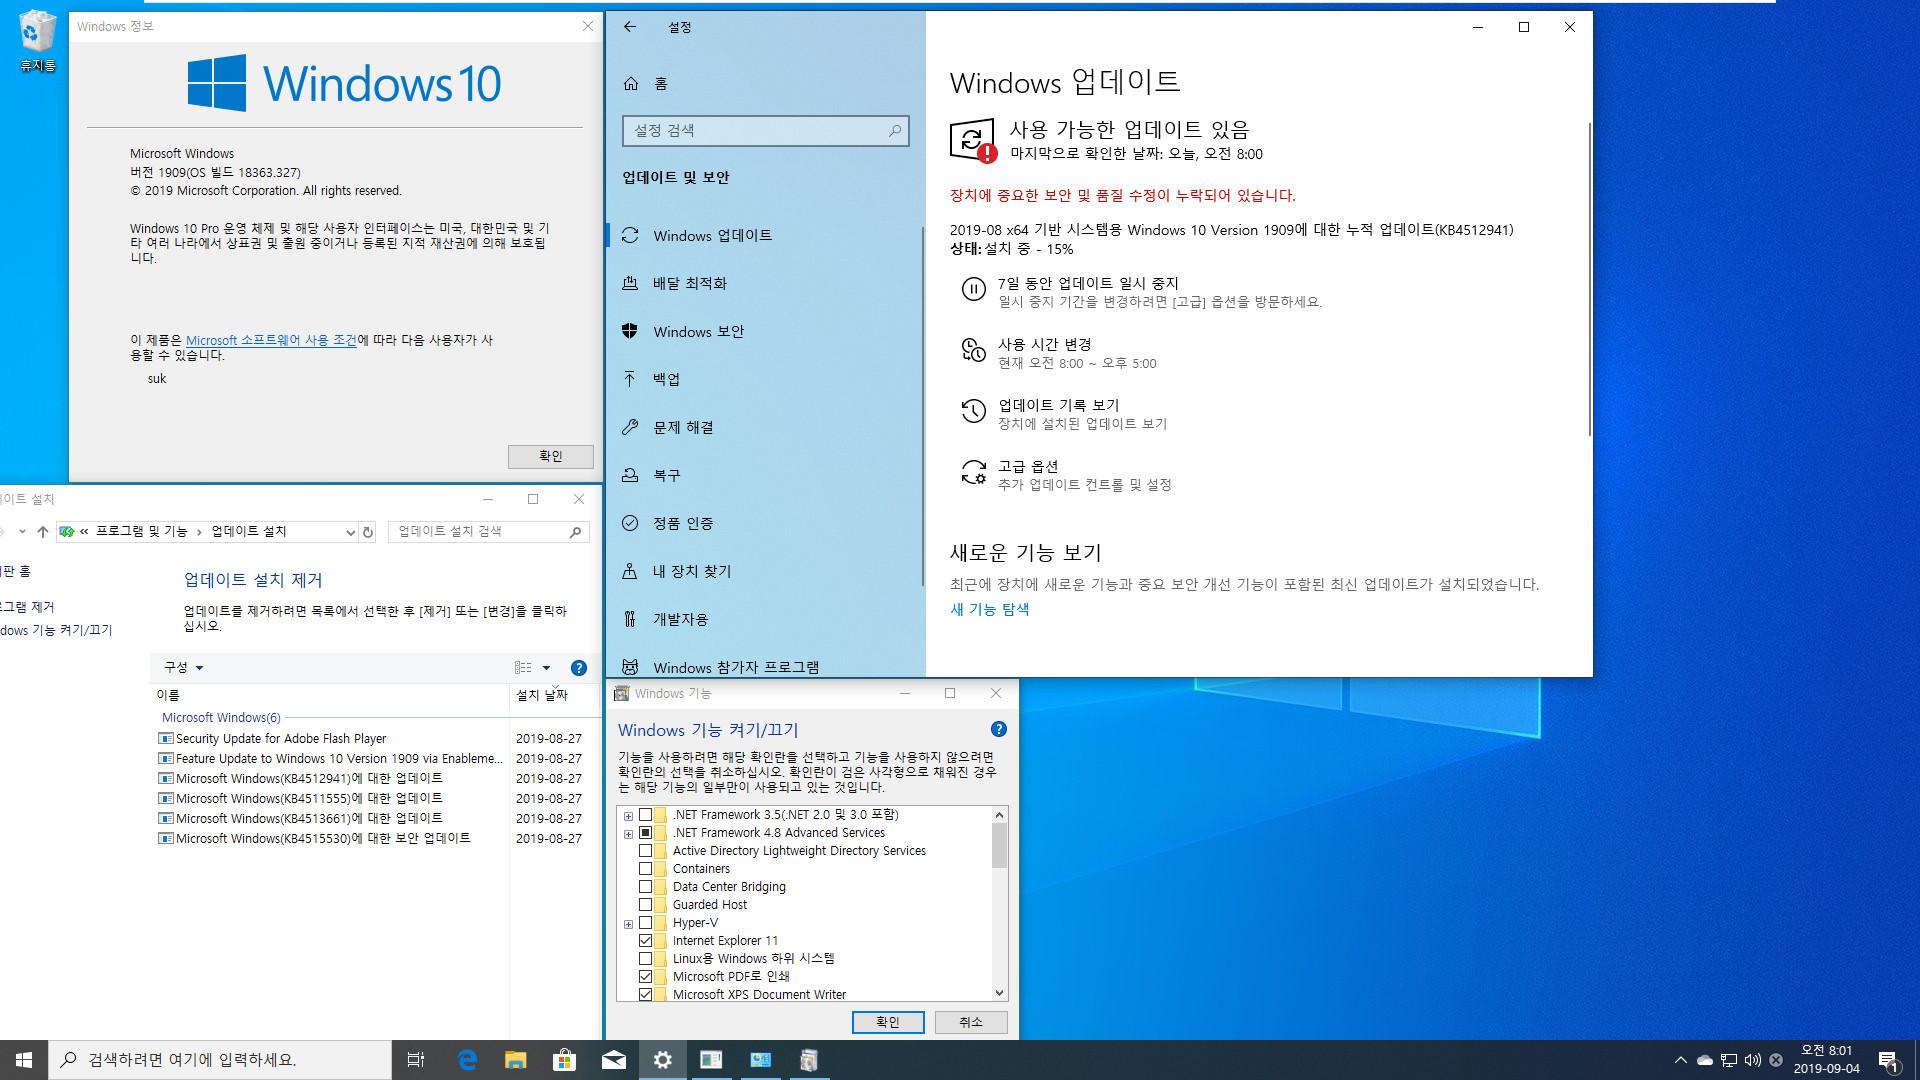 Windows 10 19H2 버전 1909 (OS 빌드 18363.327) 릴리스 프리뷰 - ms 에서 배포한 iso - 설치 테스트 - ms 계정으로 릴리스 프리뷰로 윈도 업데이트 2019-09-04_080132.jpg